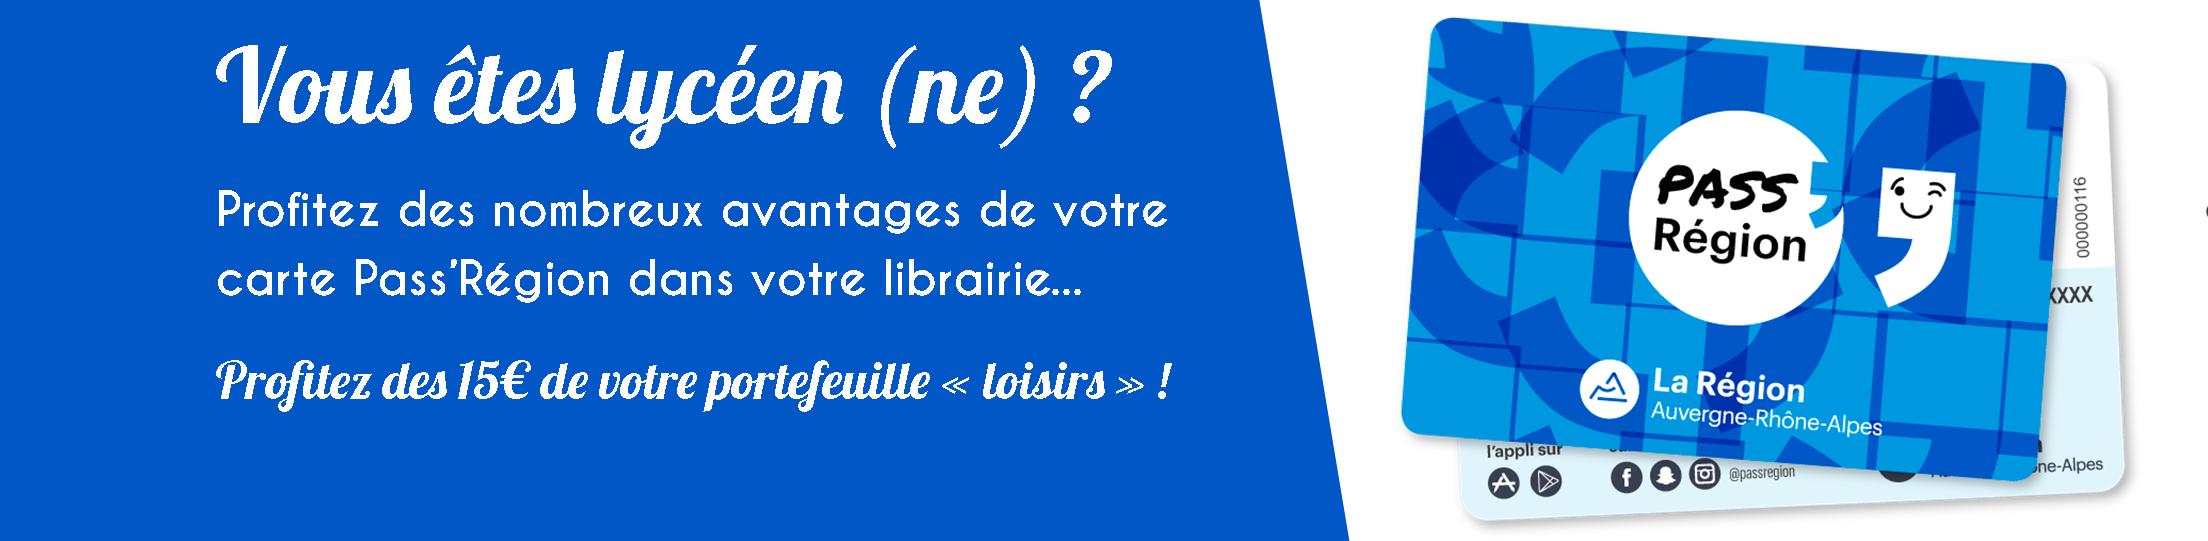 Avec le Pass'Région Profitez de 15€ pour vous offrir les livres de votre choix !